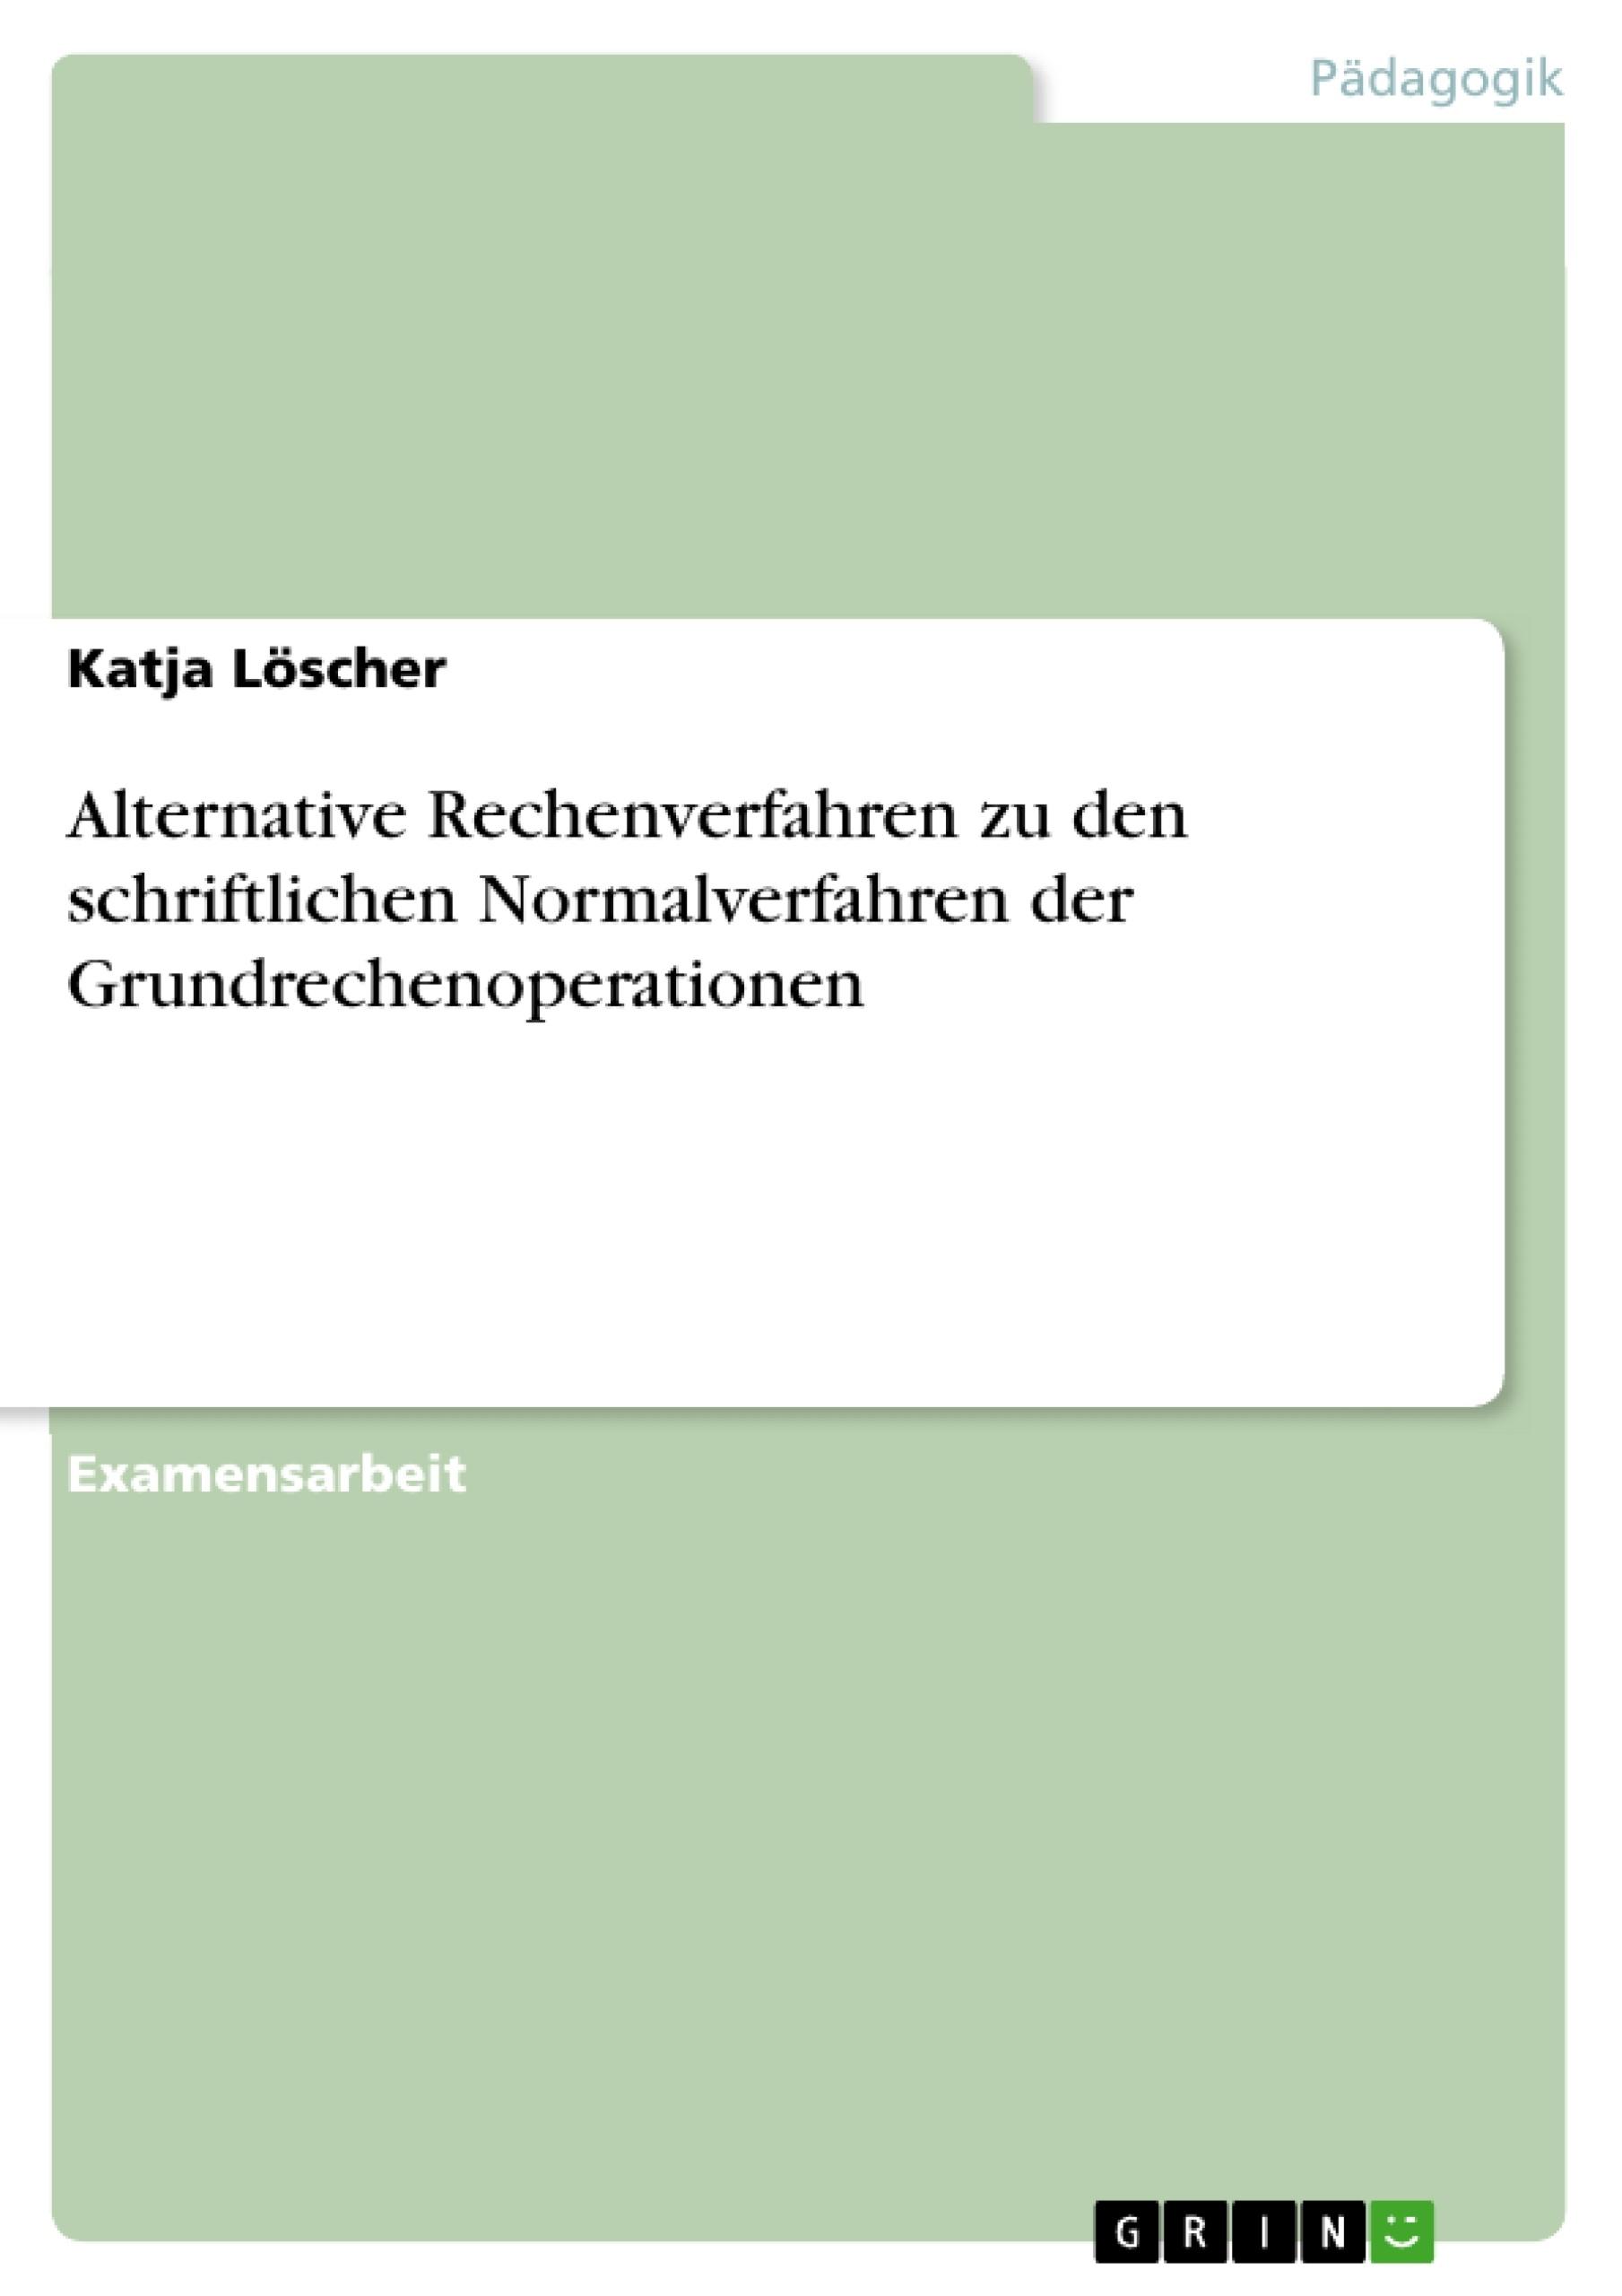 Titel: Alternative Rechenverfahren zu den schriftlichen Normalverfahren der Grundrechenoperationen